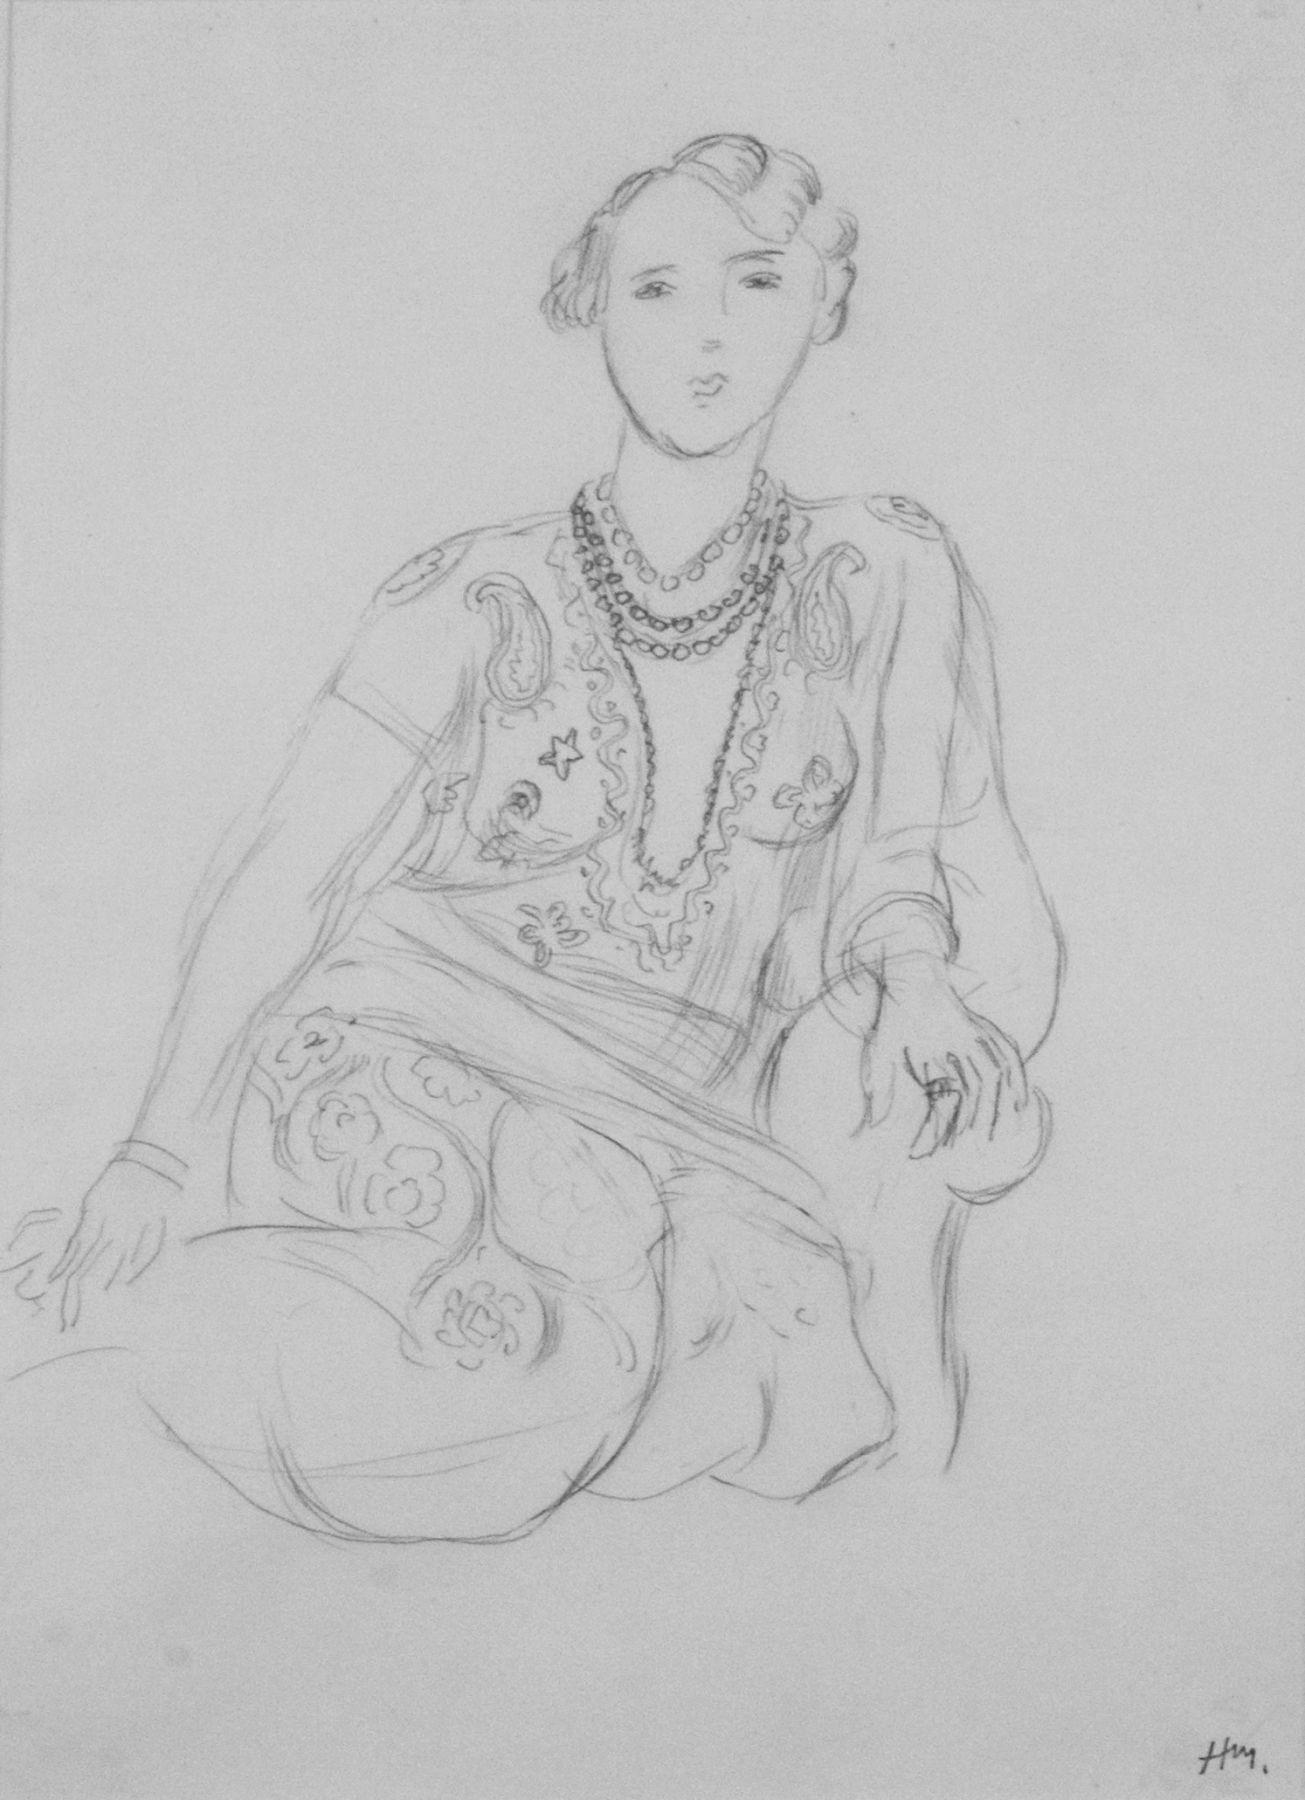 Henri Matisse, Femme au collier (Portrait de Henriette Darricarrière) [SOLD], 1926, pencil on paper, 14 x 10 7/8 inches